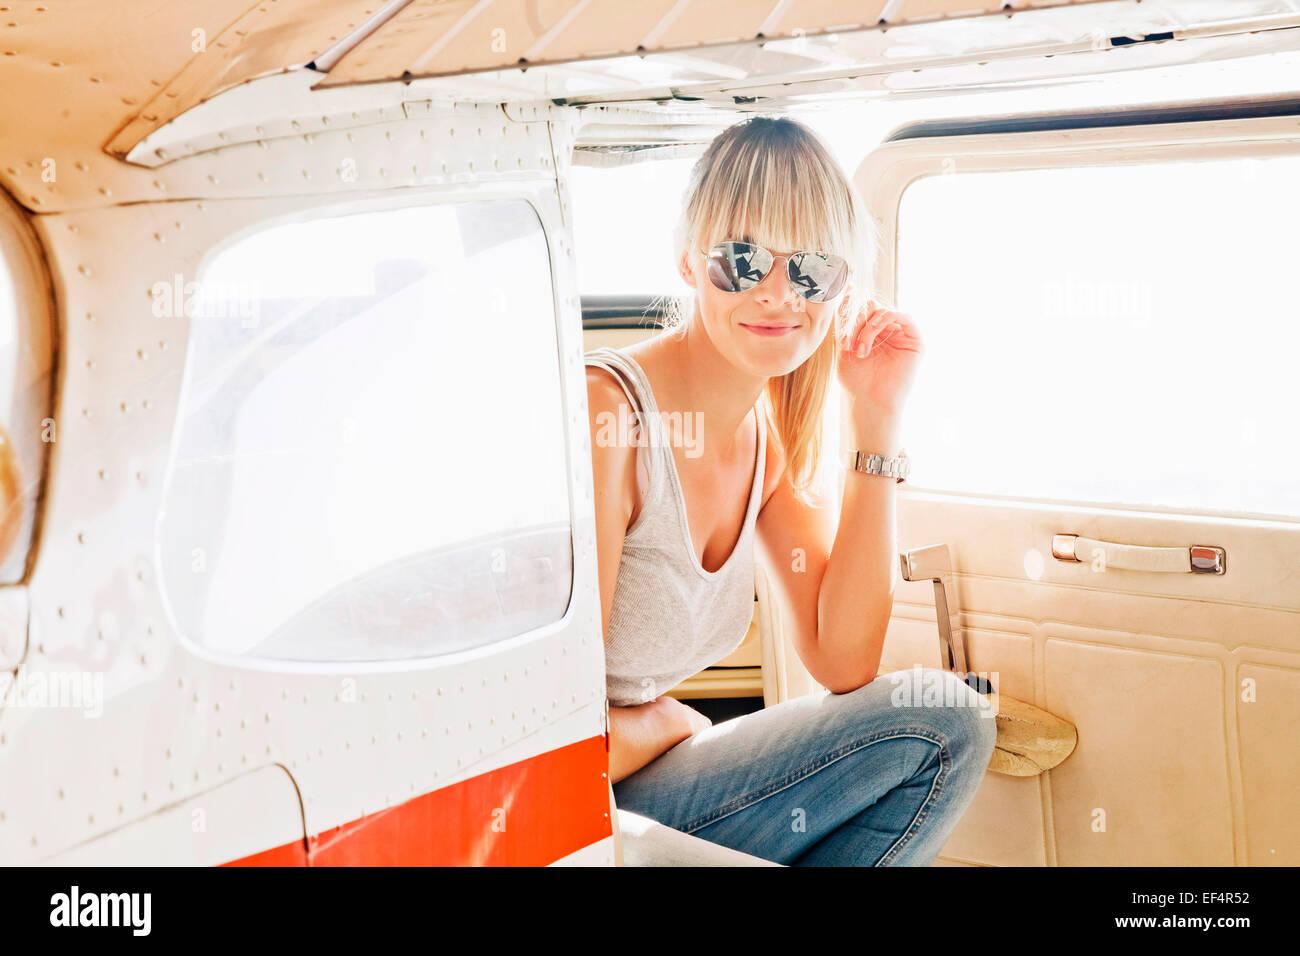 Junge Frau sitzt in einem Privatflugzeug Stockbild